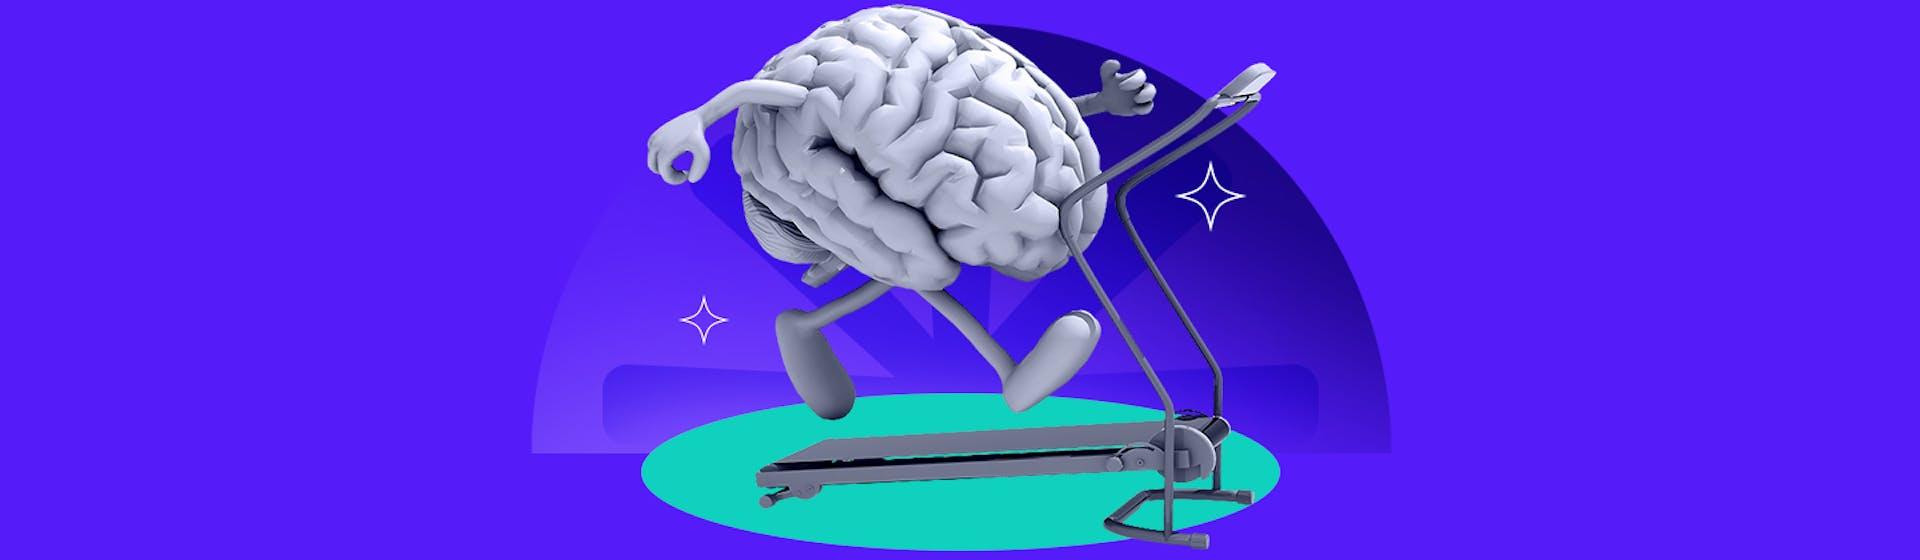 +5 ejercicios de gimnasia cerebral con los que le sacarás el jugo a tus habilidades mentales